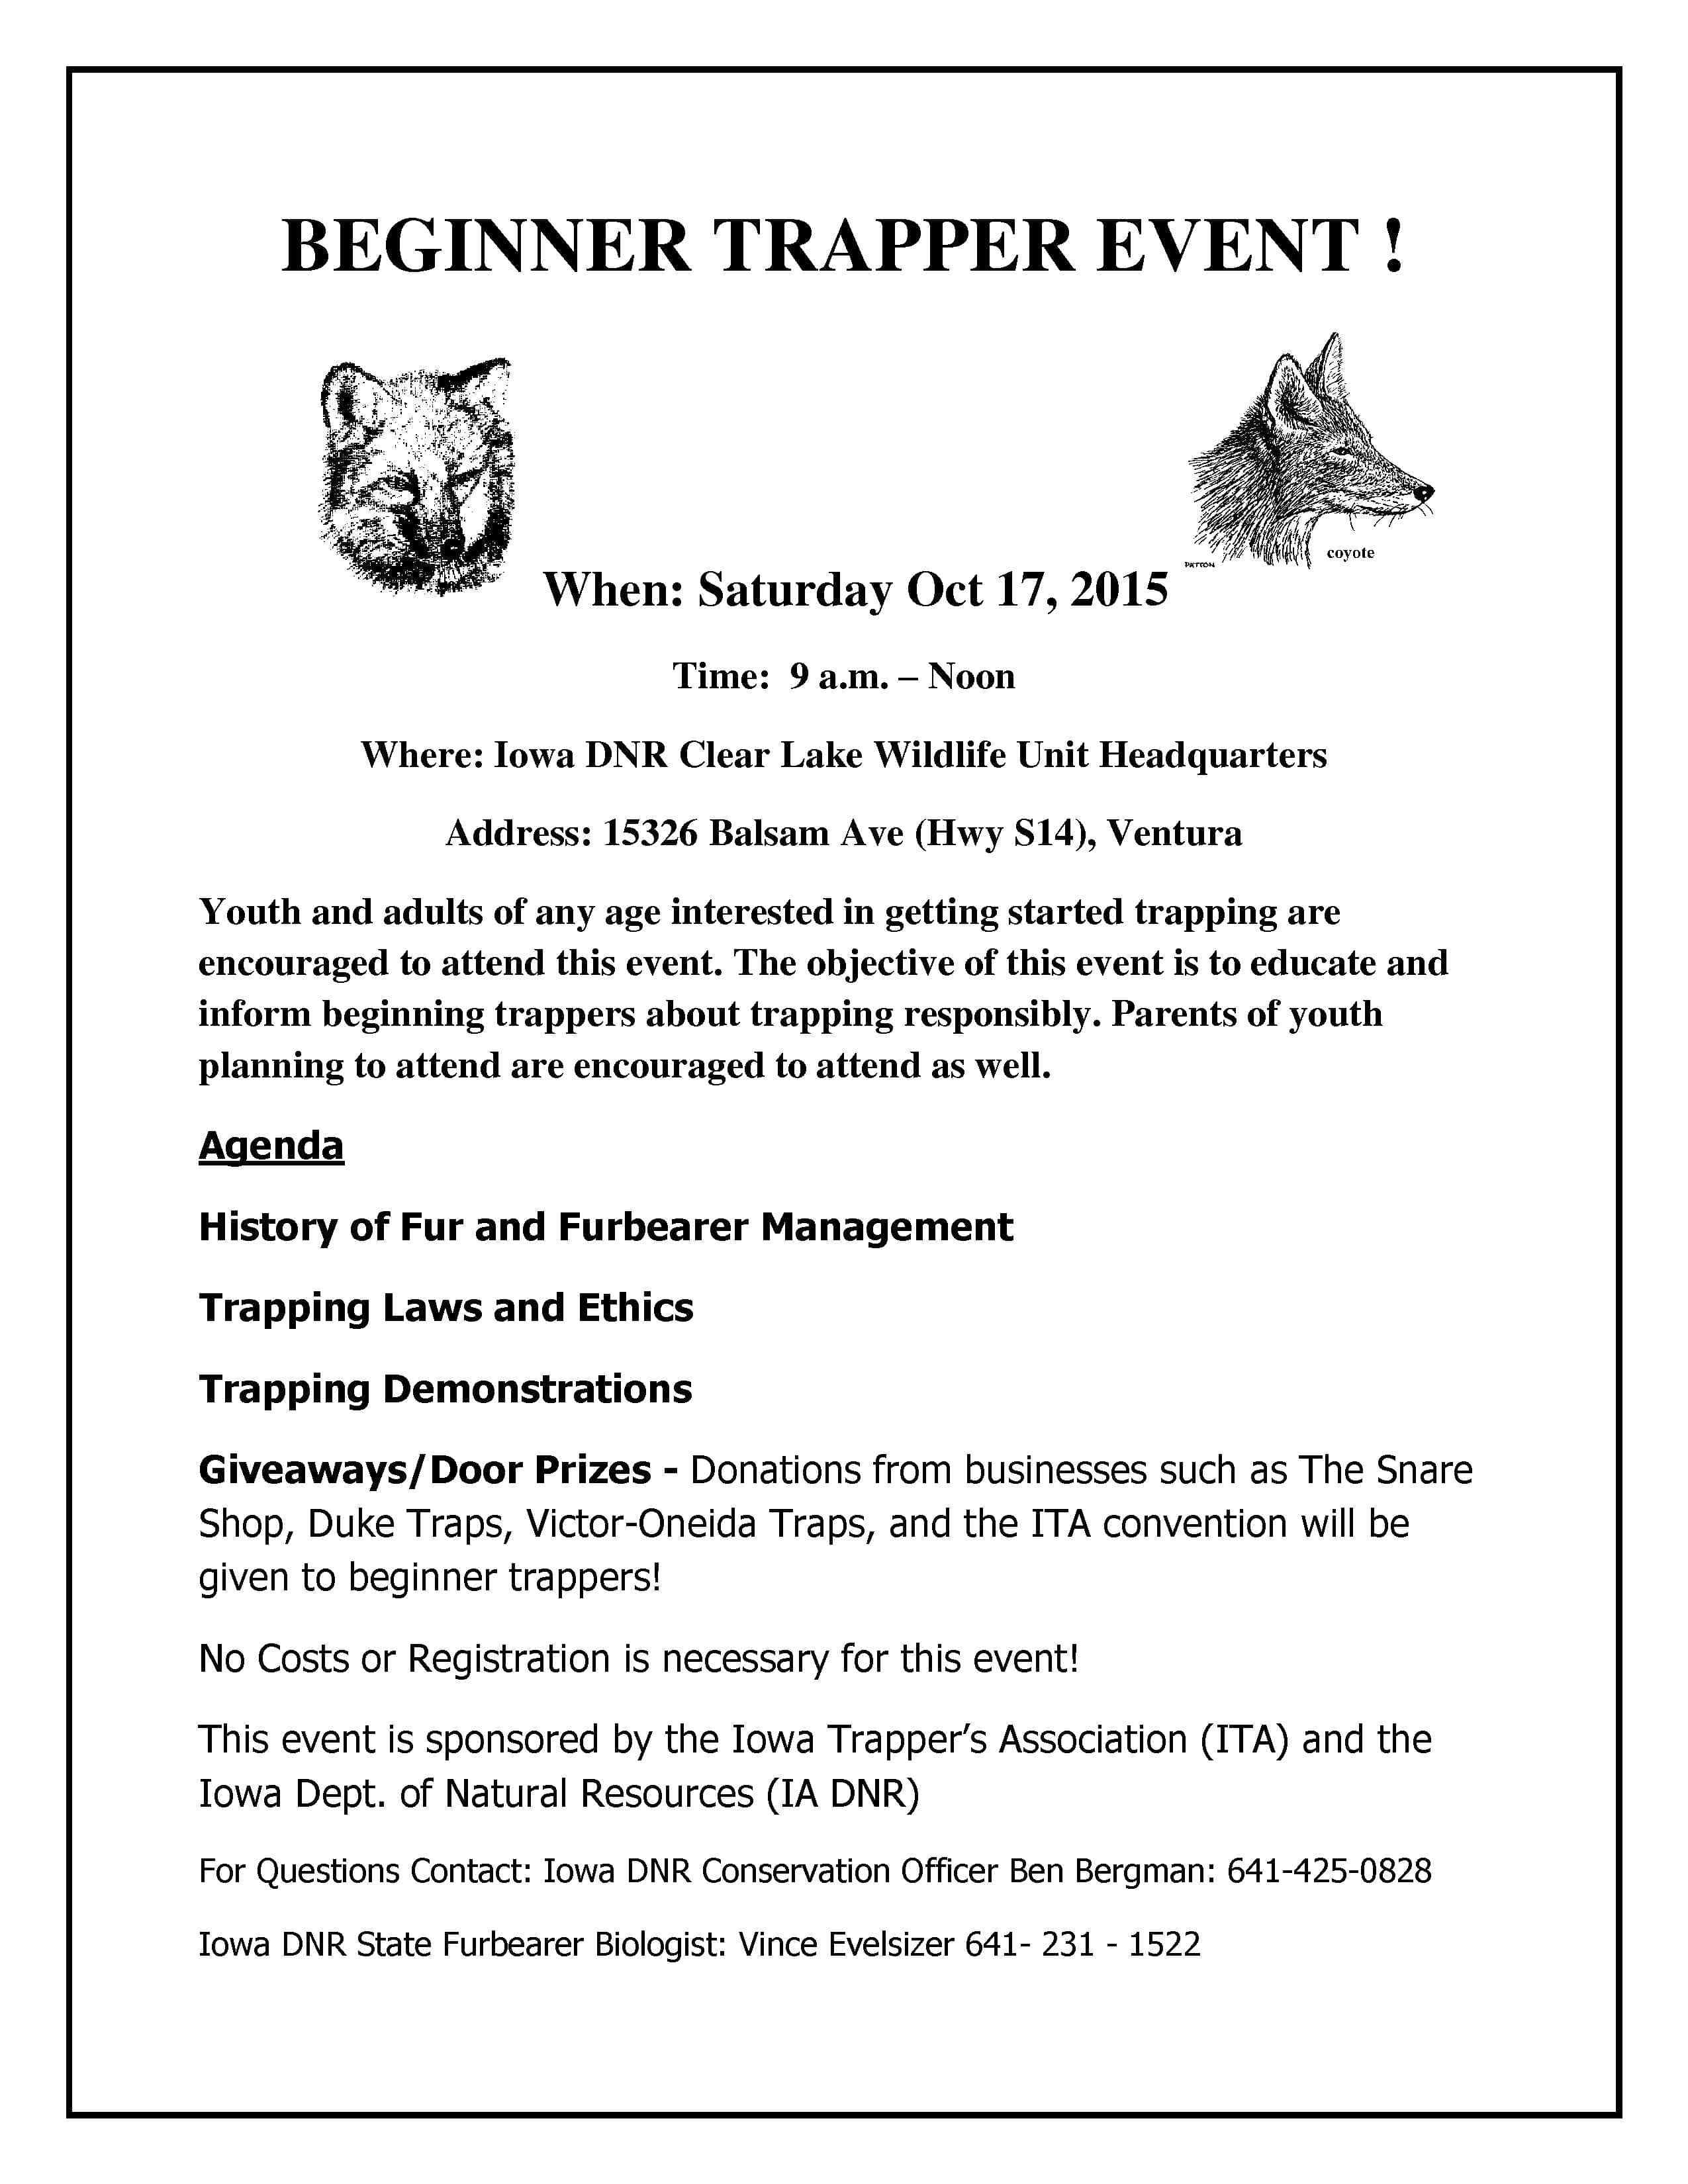 BEGINNER TRAPPER EVENT! - Discover North Iowa